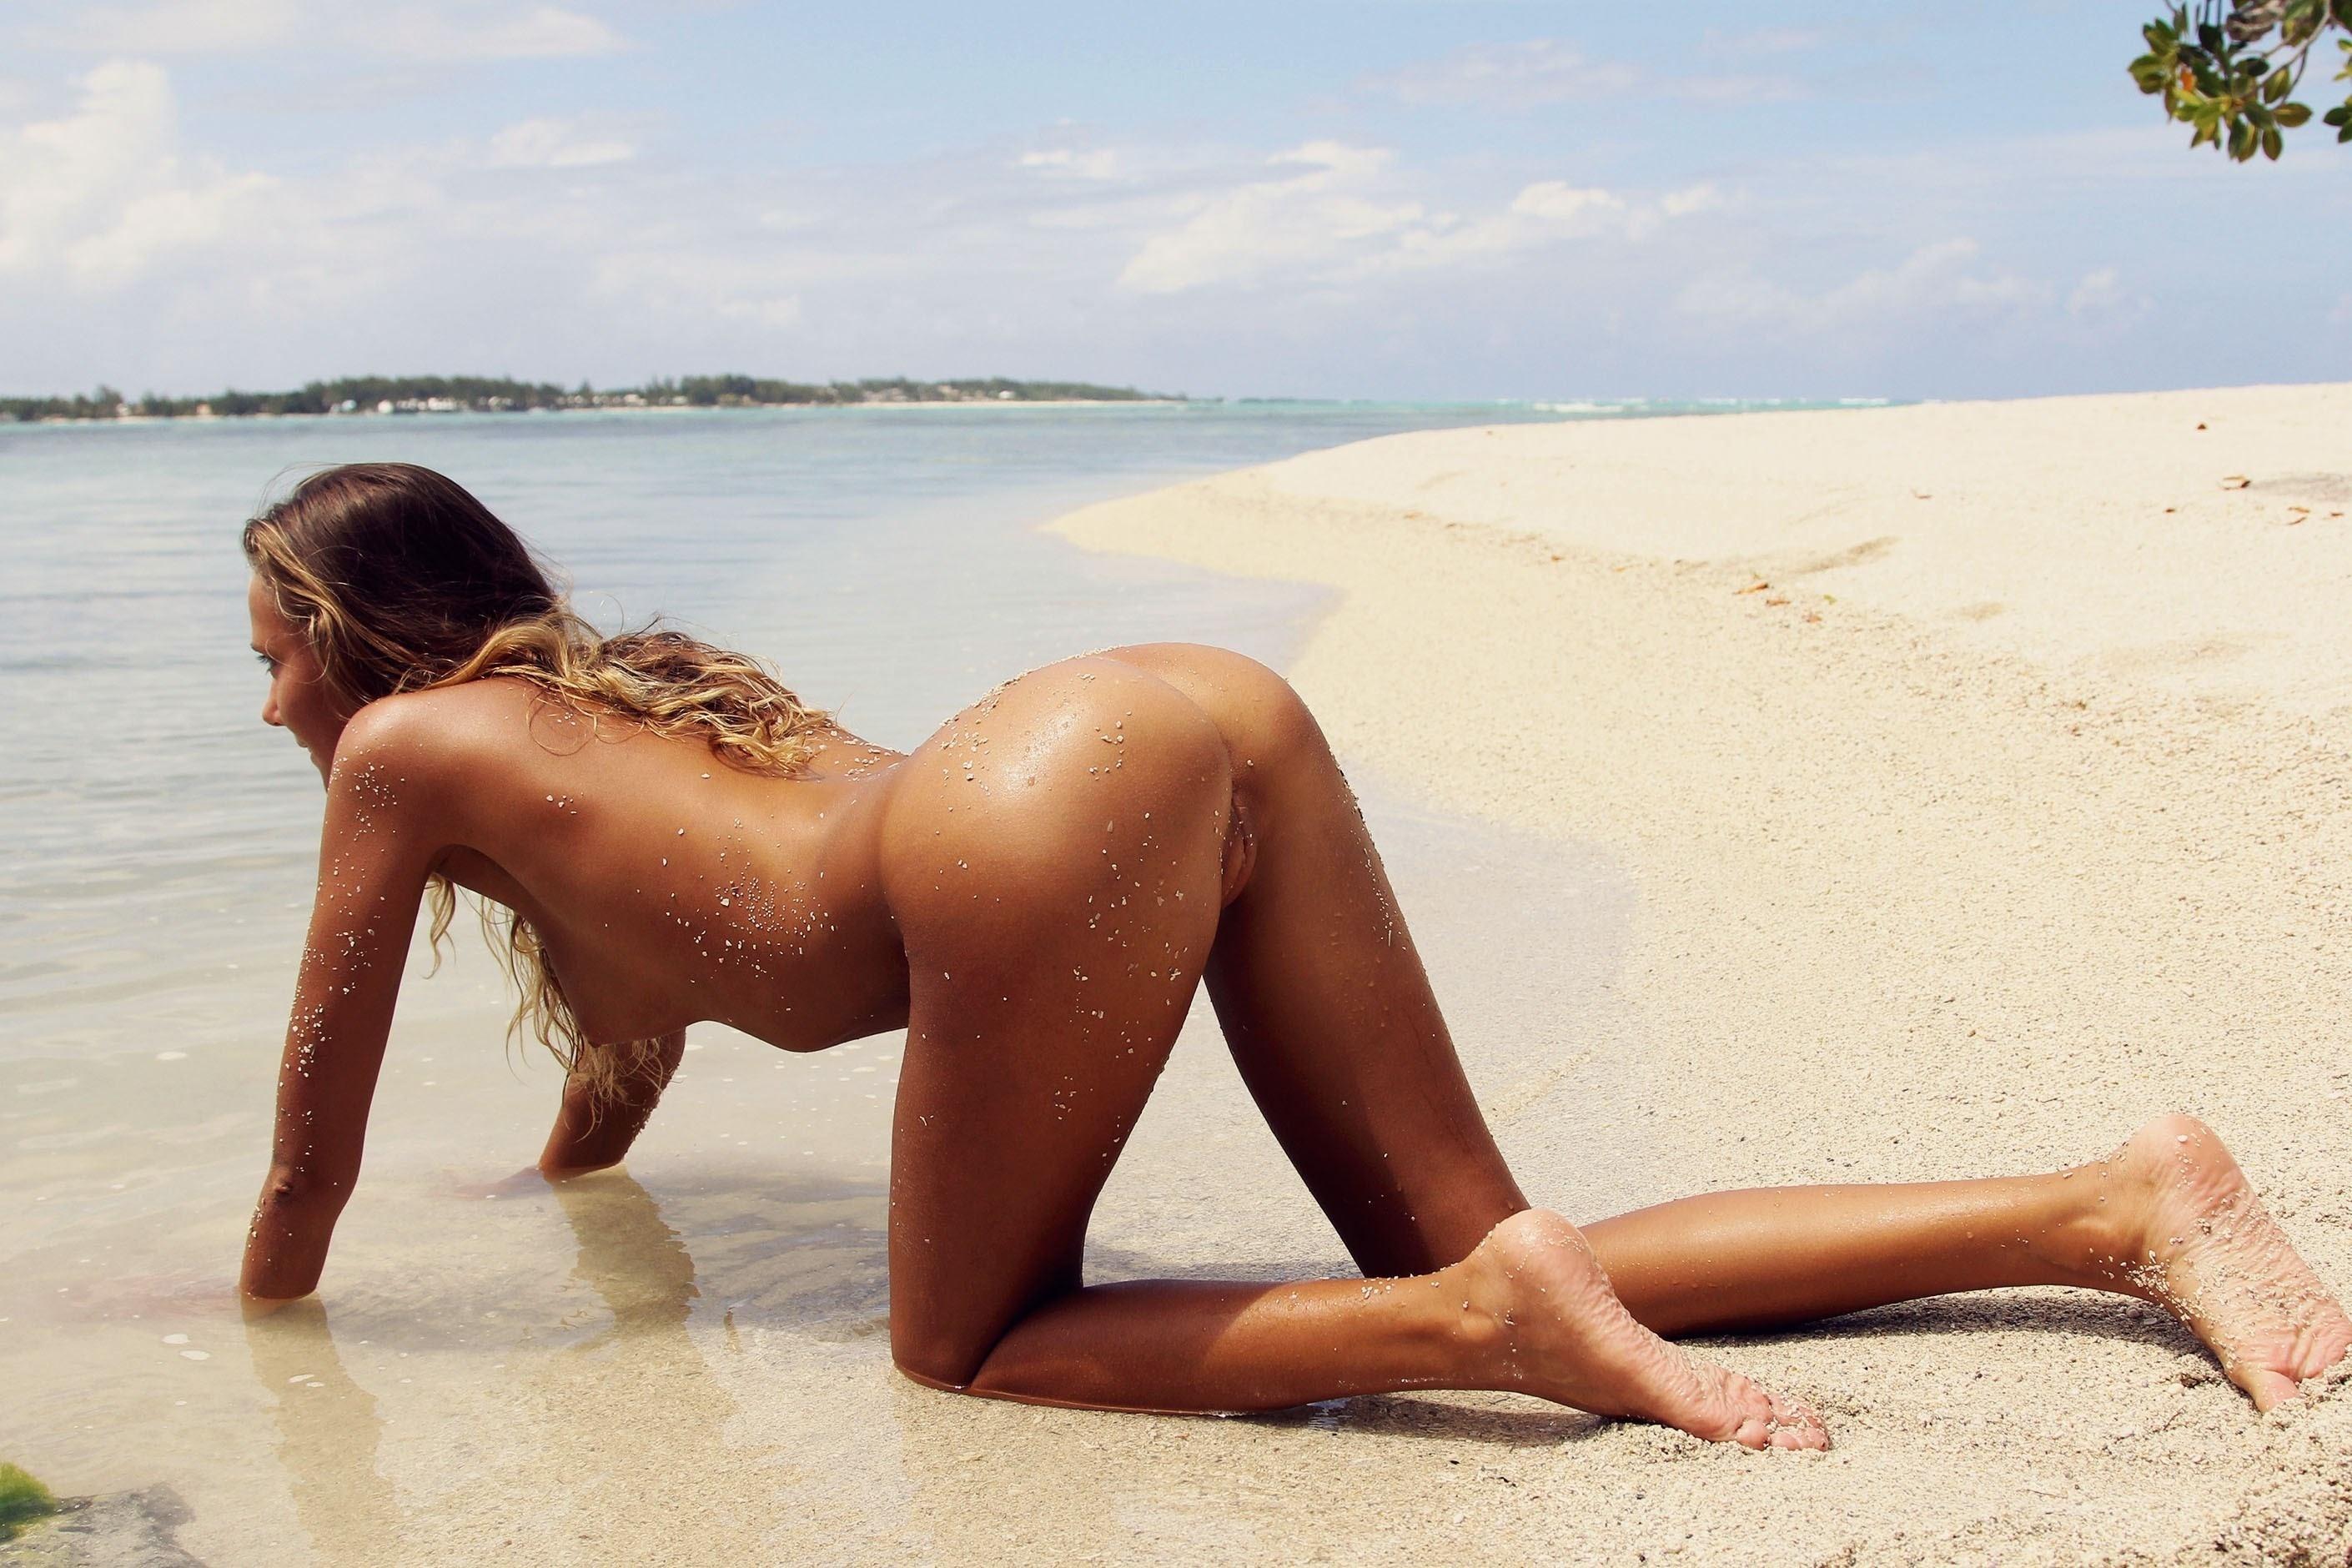 Фото Голая загорелая девушка ползет на четвереньках по песку вдоль берега, скачать картинку бесплатно